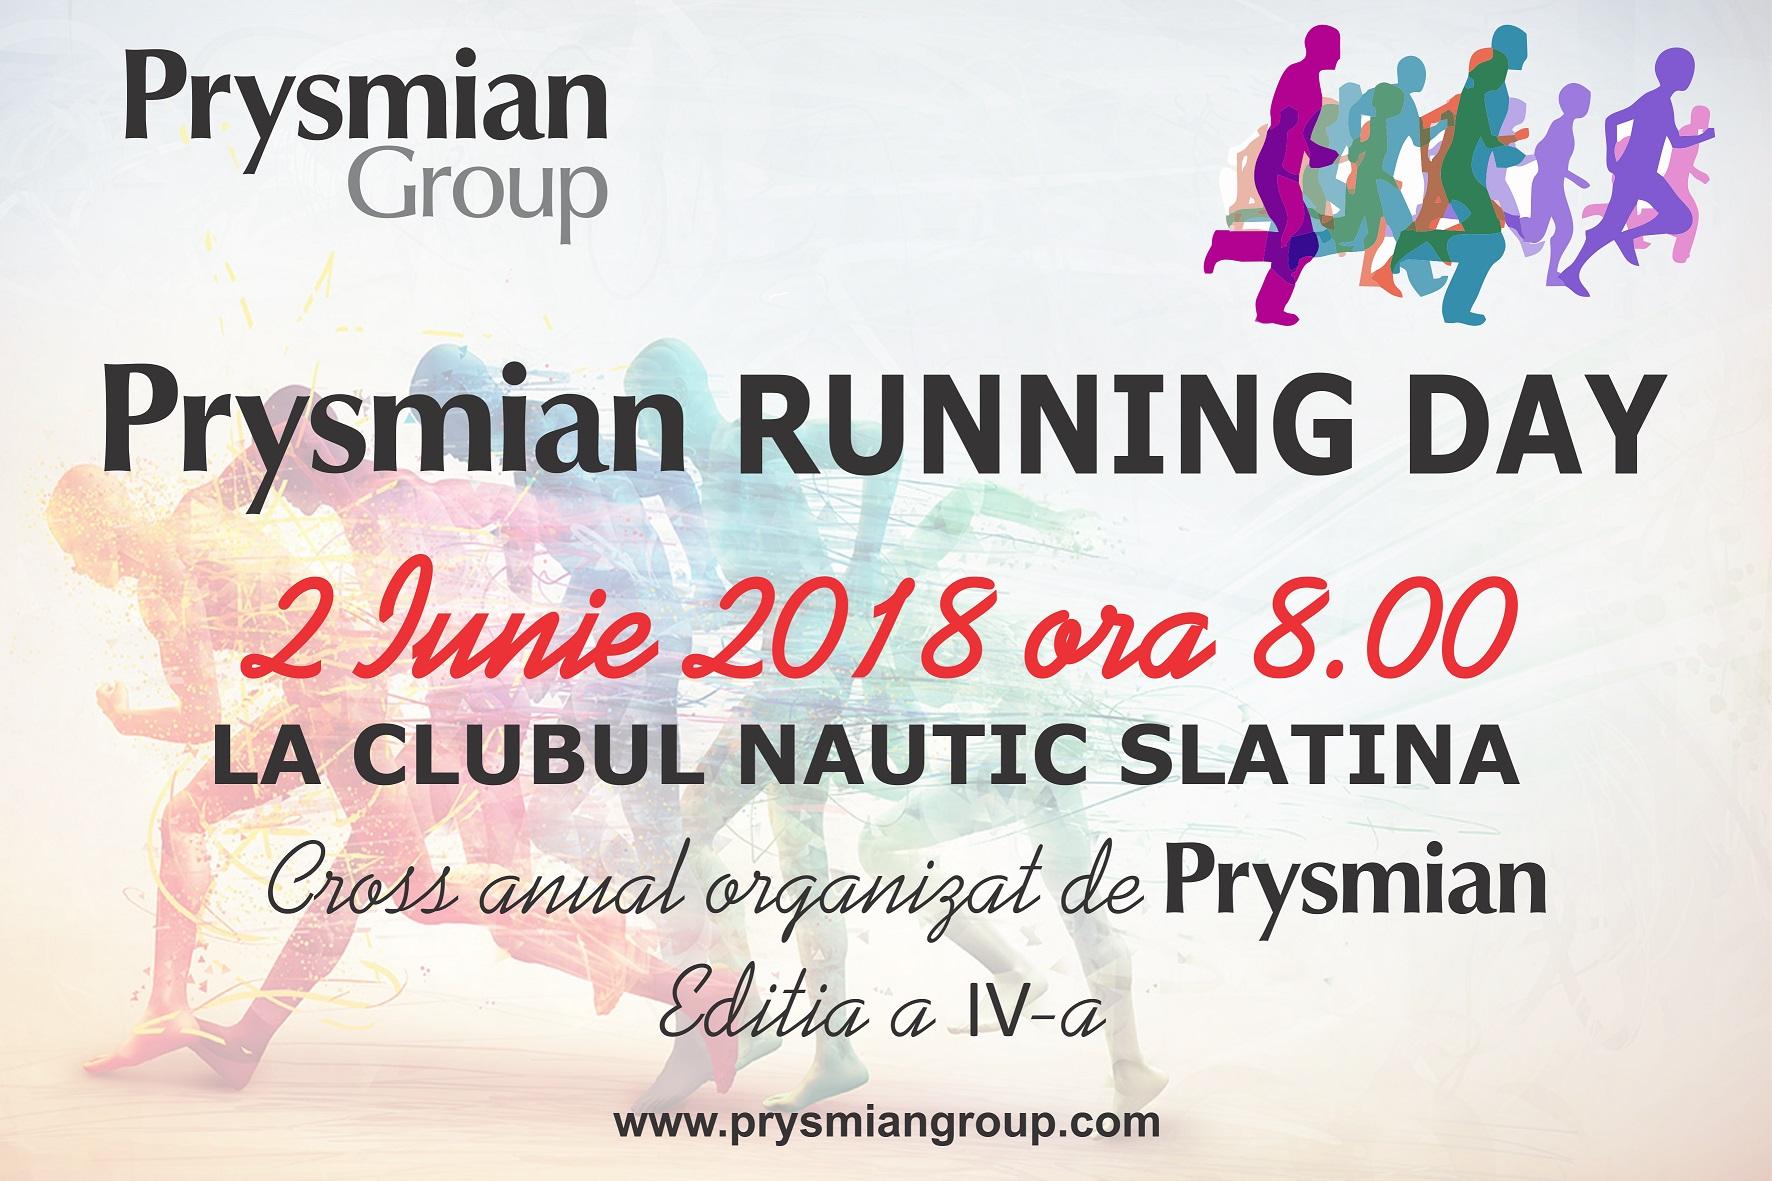 Prysmian Running Day Slatina - 4th edition